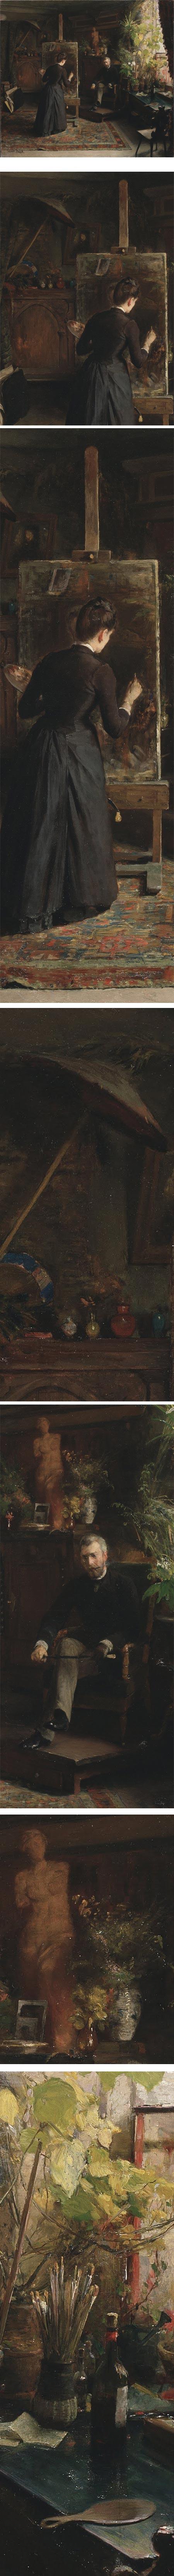 The Danish Artist Bertha Wegmann Painting a Portrait, Jeanna Bauck